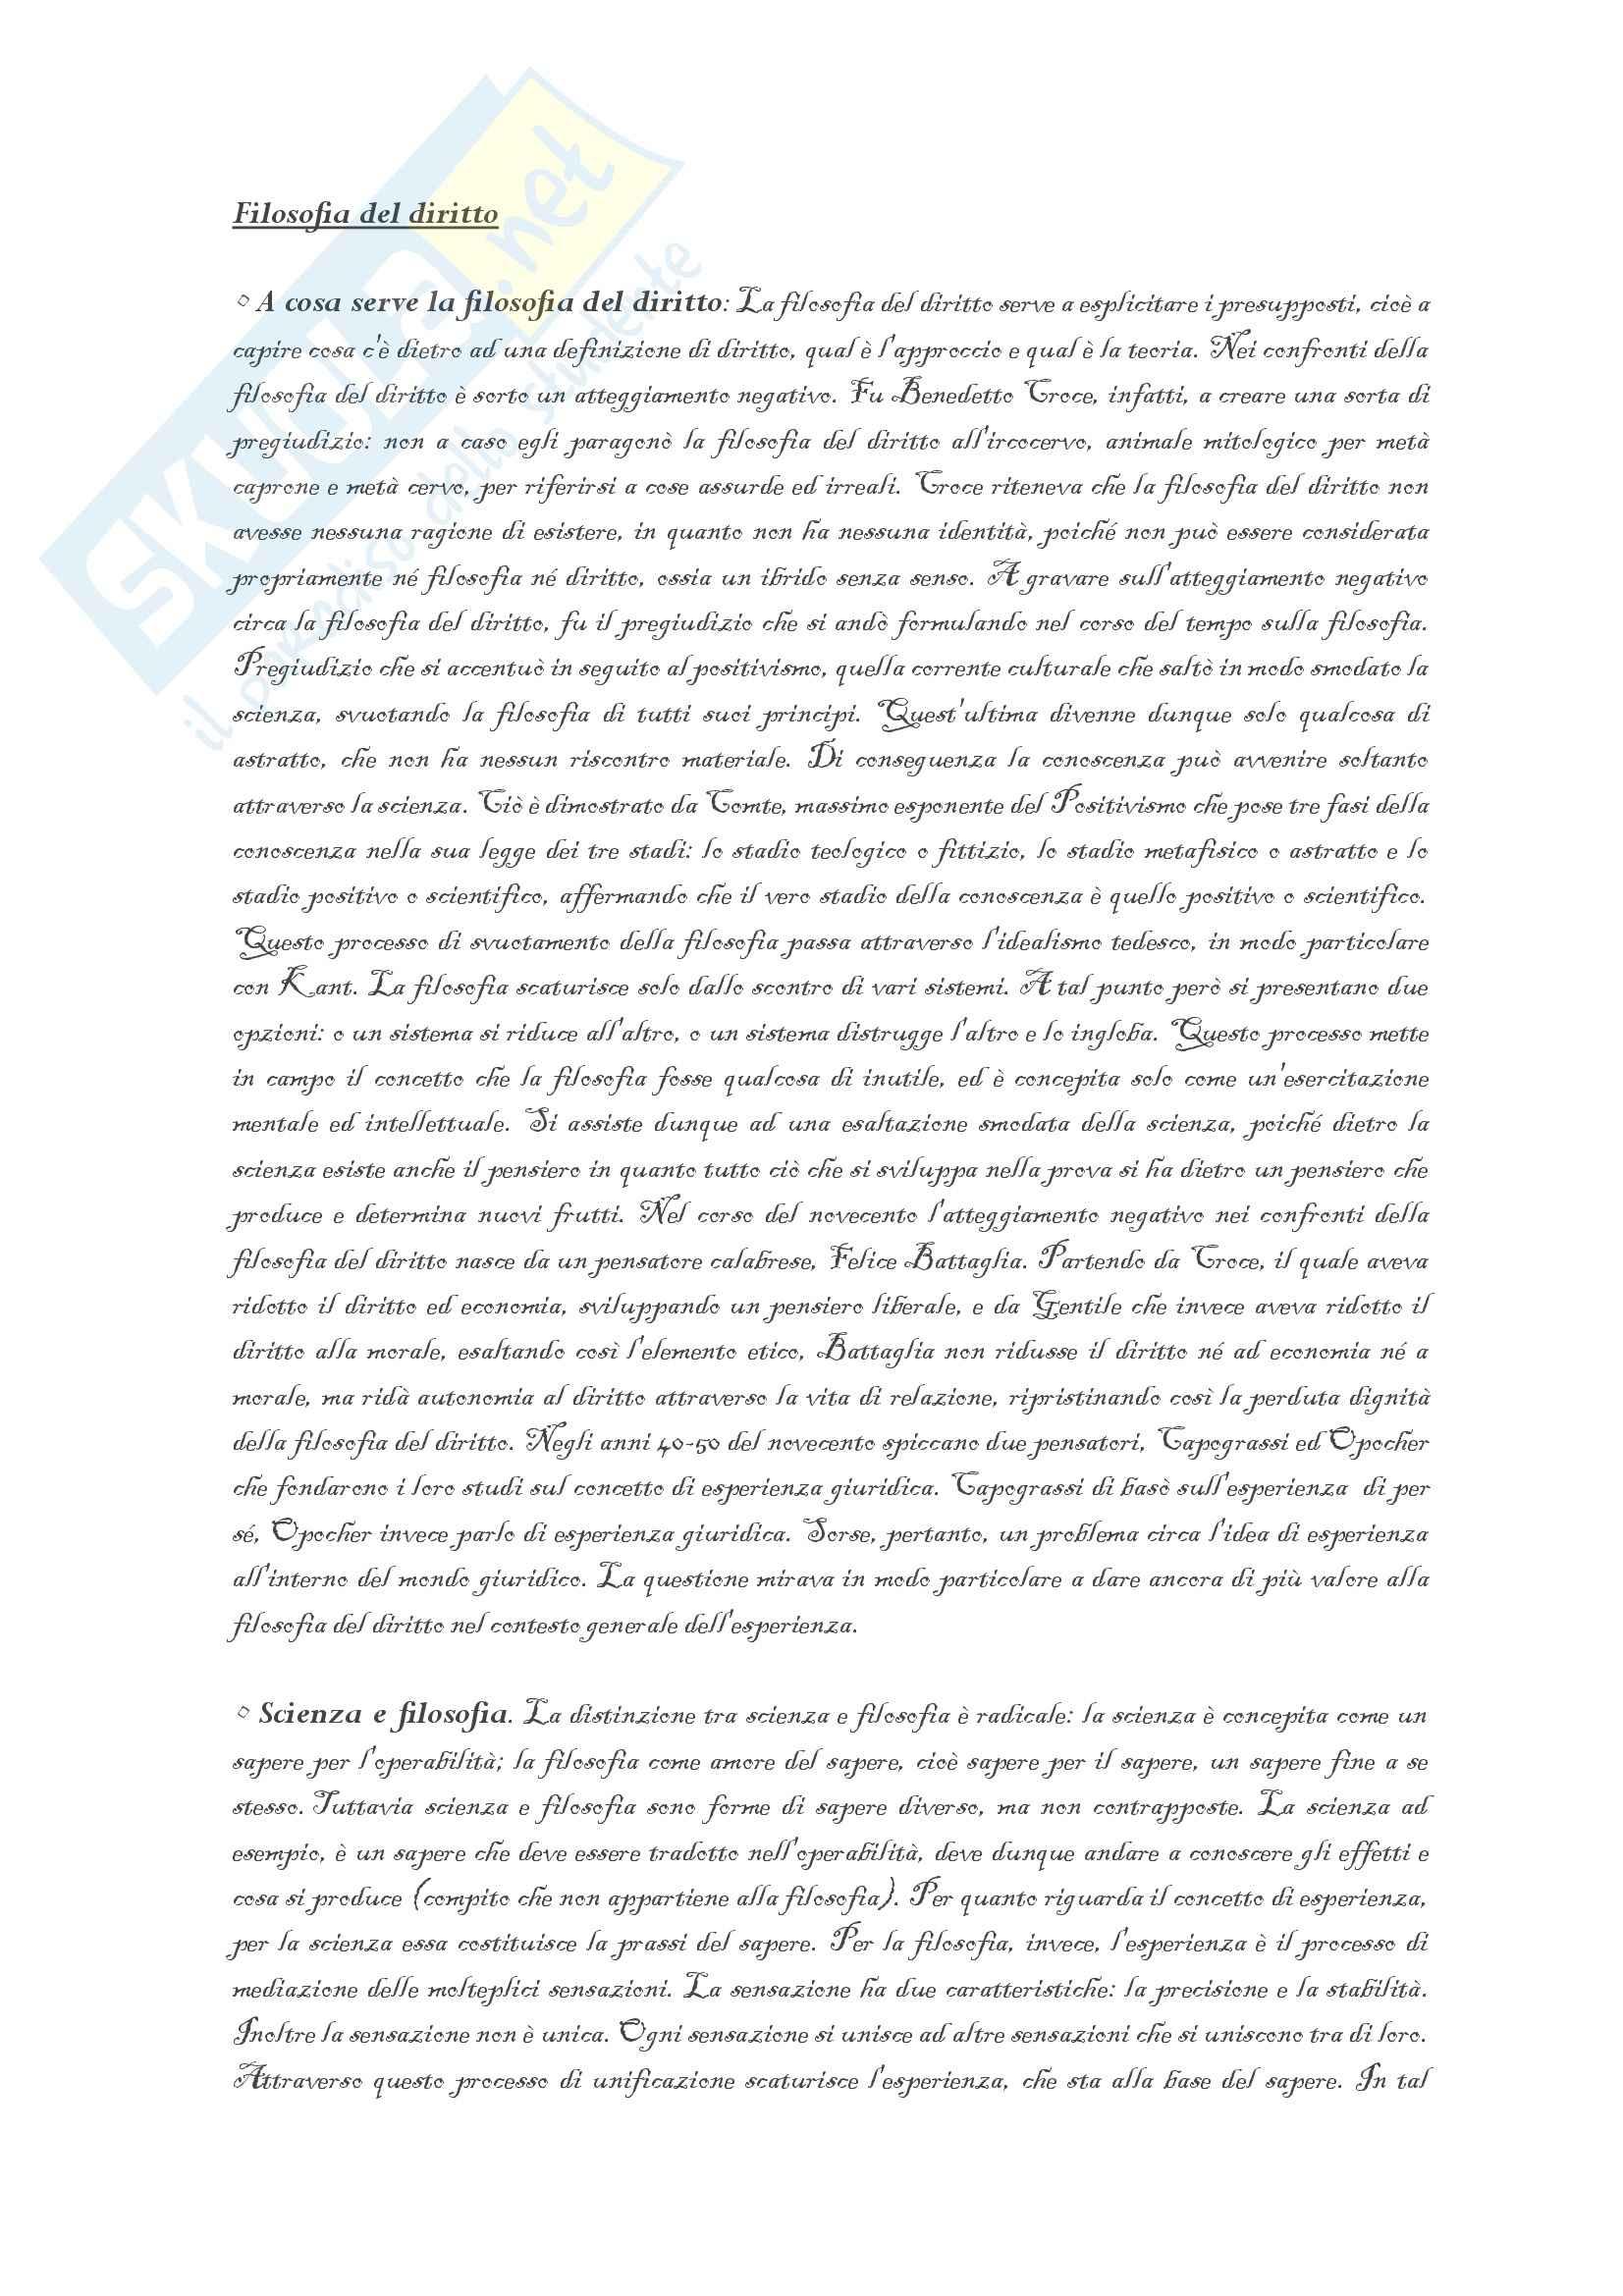 Filosofia del diritto - Appunti